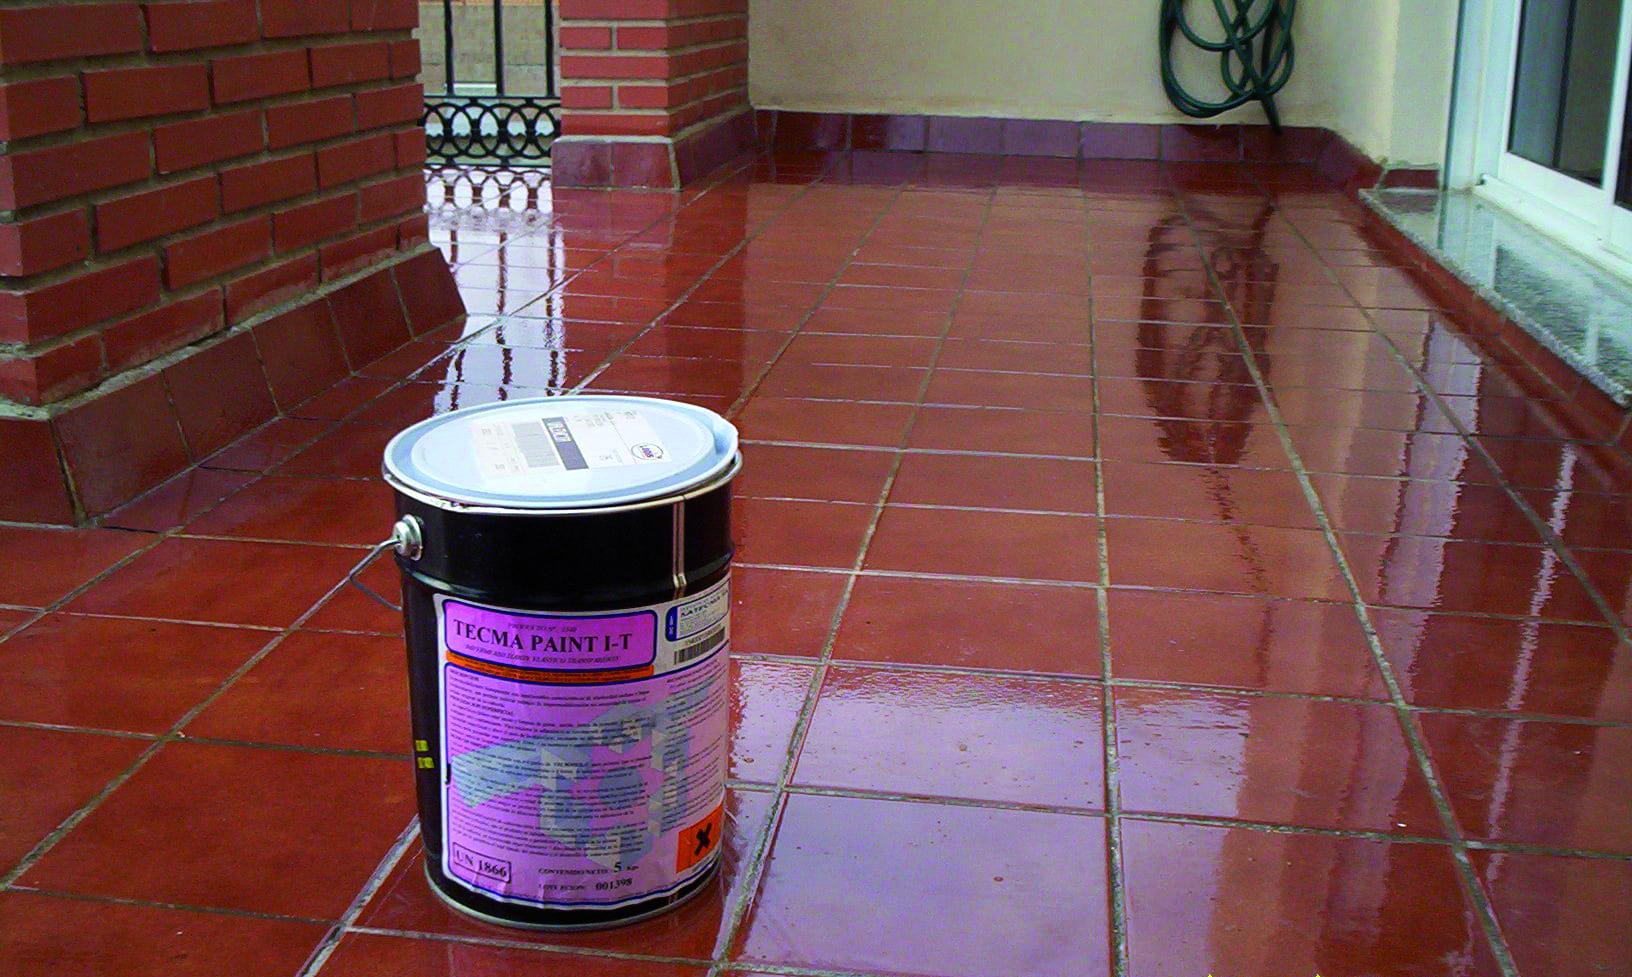 aplicación tecma paint it